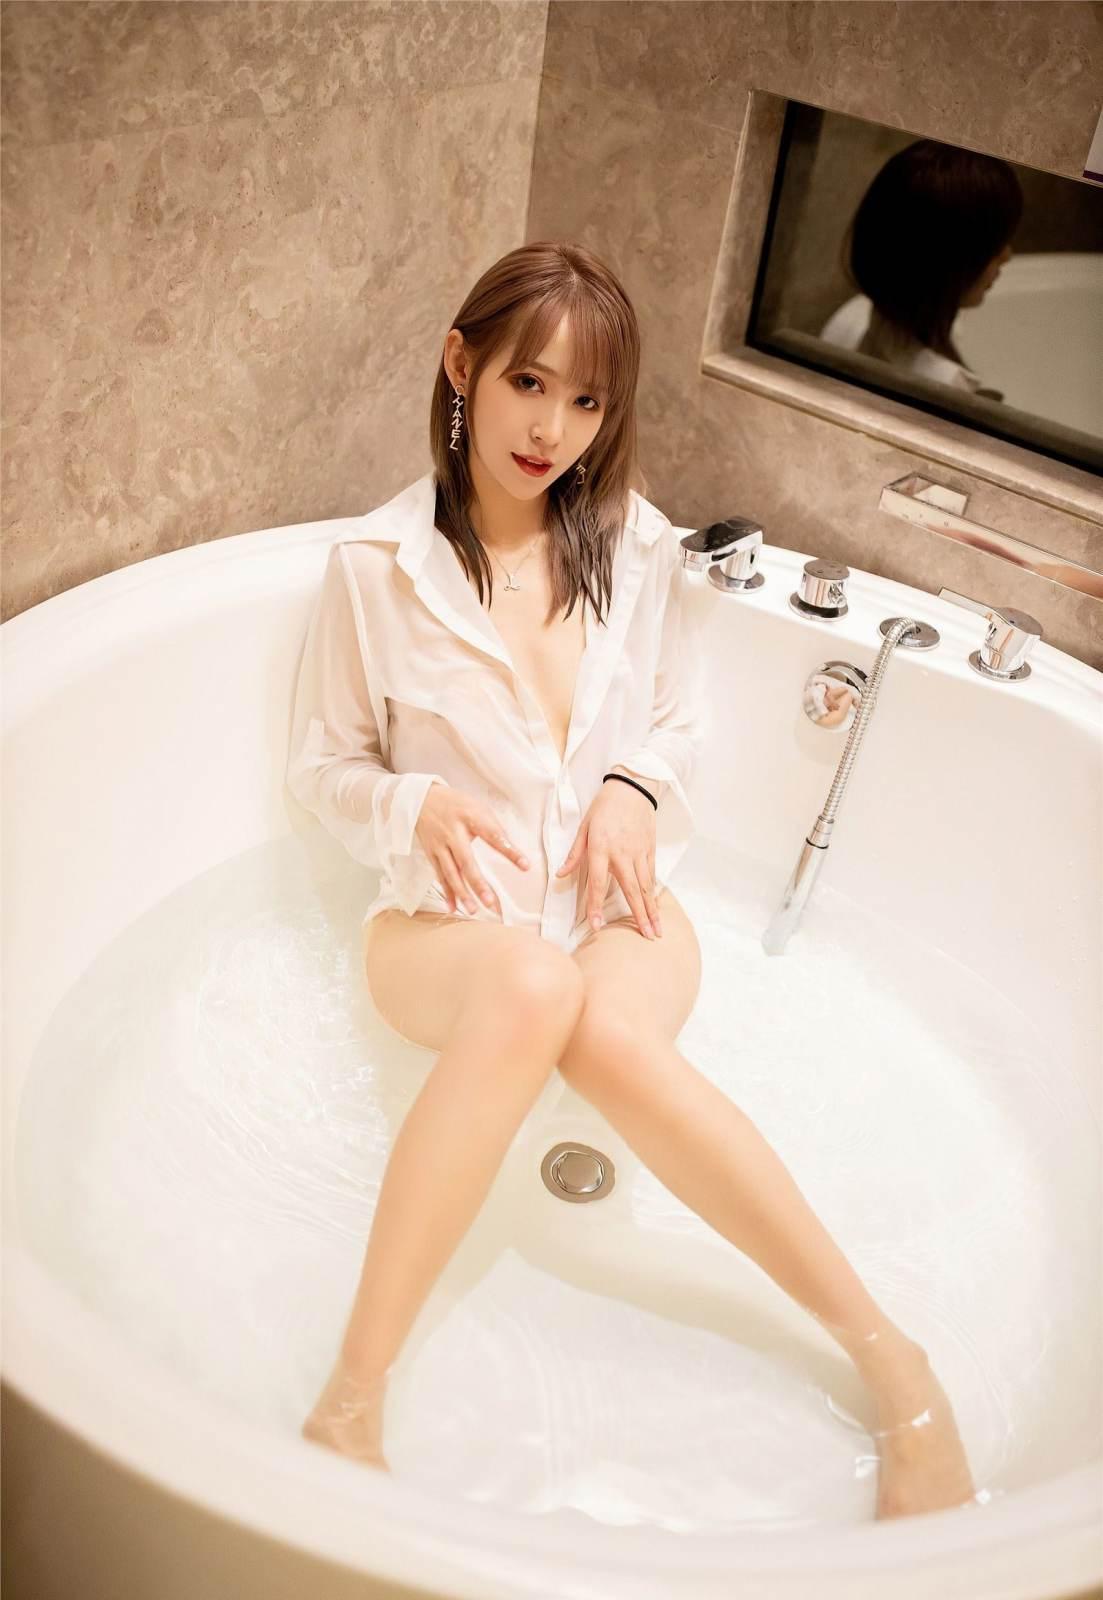 第207期沉鱼落雁周慕汐(长腿,衬衫)_图片5